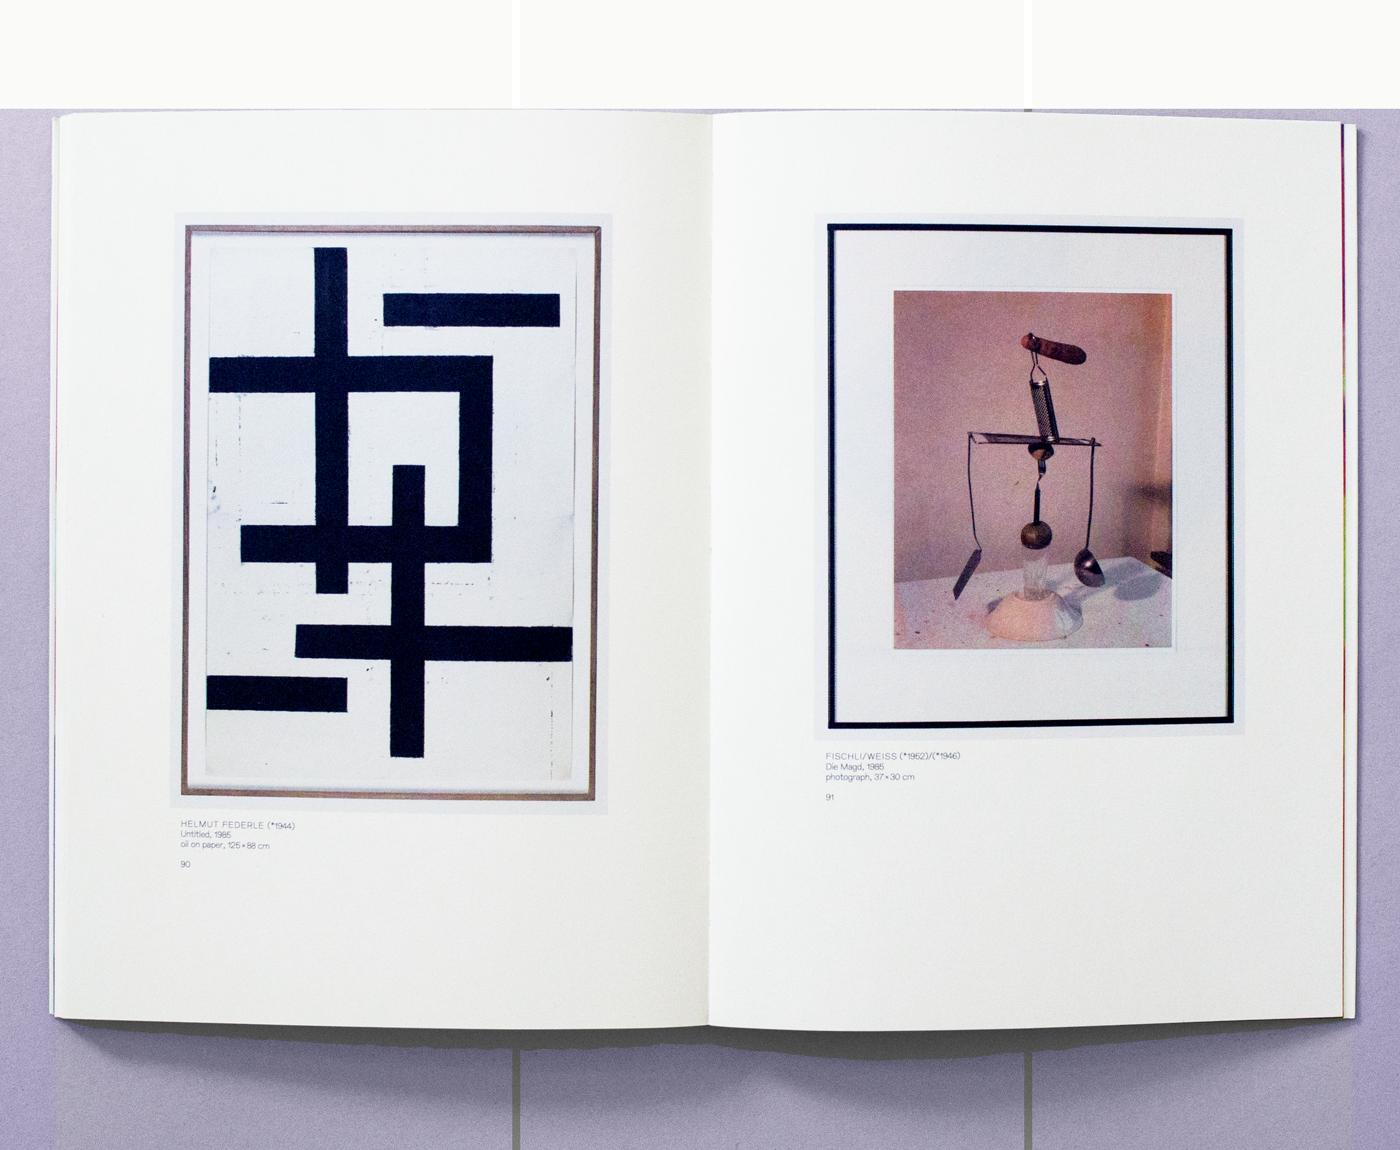 Catalogue accompagnant l'exposition «Naturellement abstrait, l'art contemporain suisse dans la collection Julius Baer» au Centre d'art contemporain, Genève. Photographies: Régis Golay. En tant que Schönherwehrs.